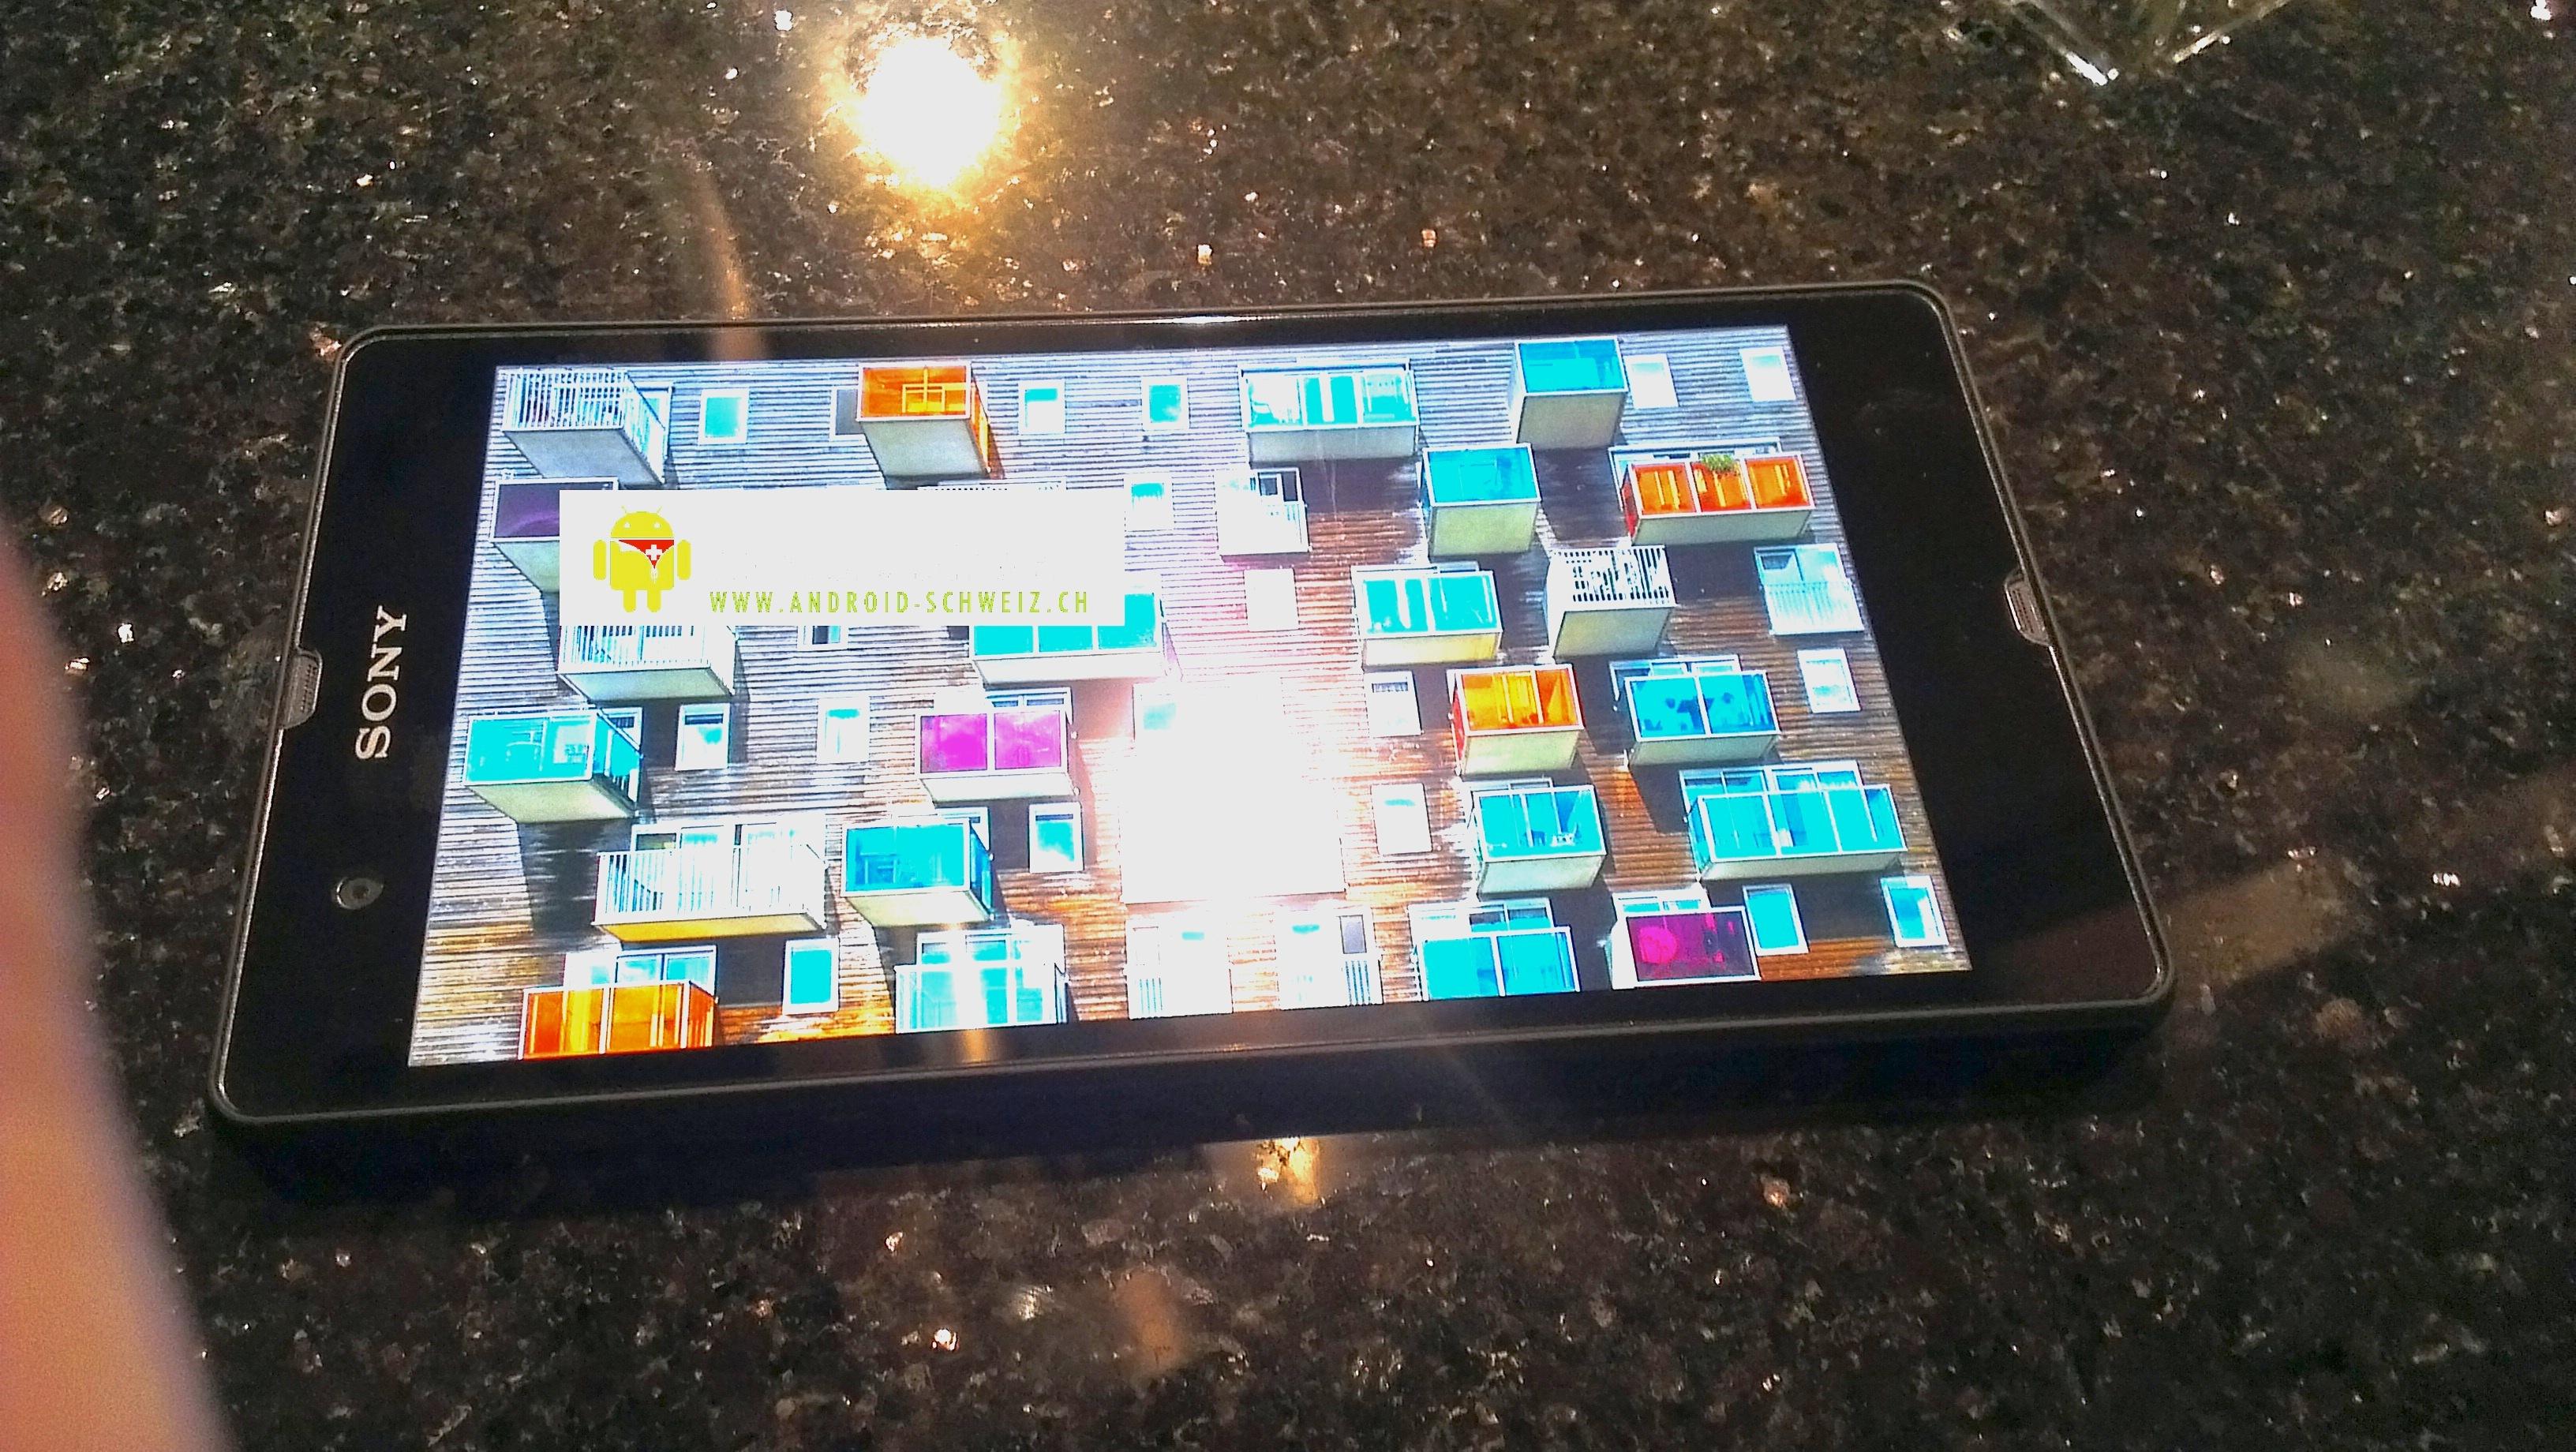 Prve fotografije pametnega telefona Yuga